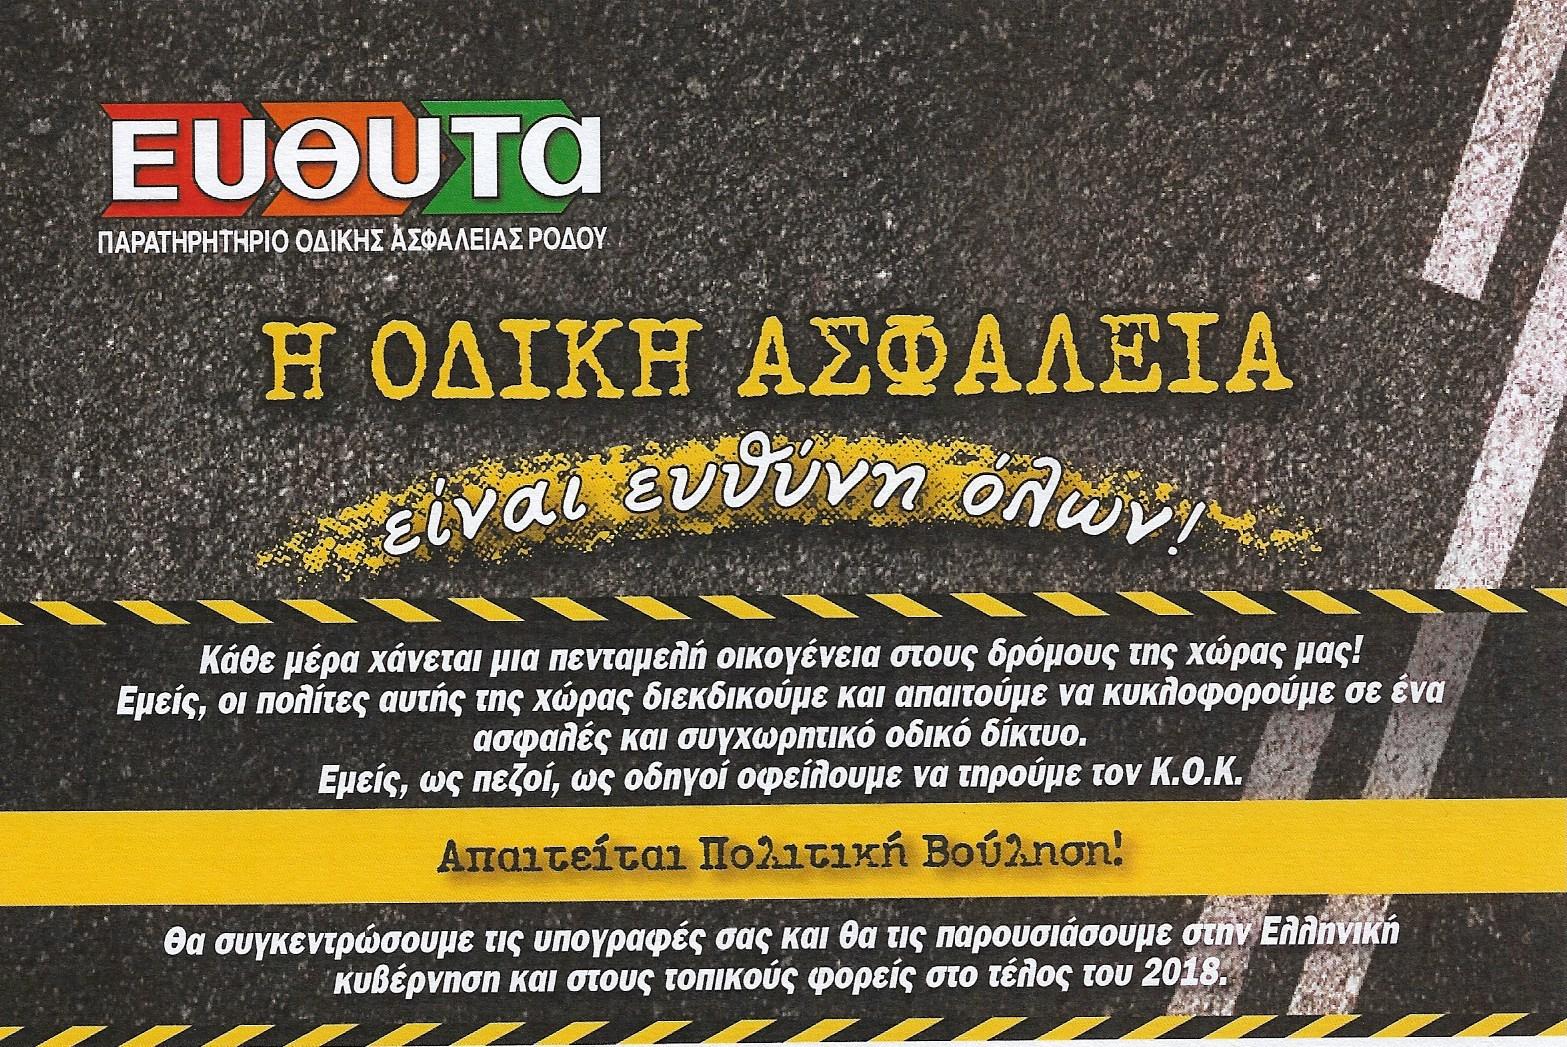 Η Ελληνική Κυβέρνηση και οι φορείς της Ρόδου.: Η ΟΔΙΚΗ ΑΣΦΑΛΕΙΑ είναι ευθύνη όλων!